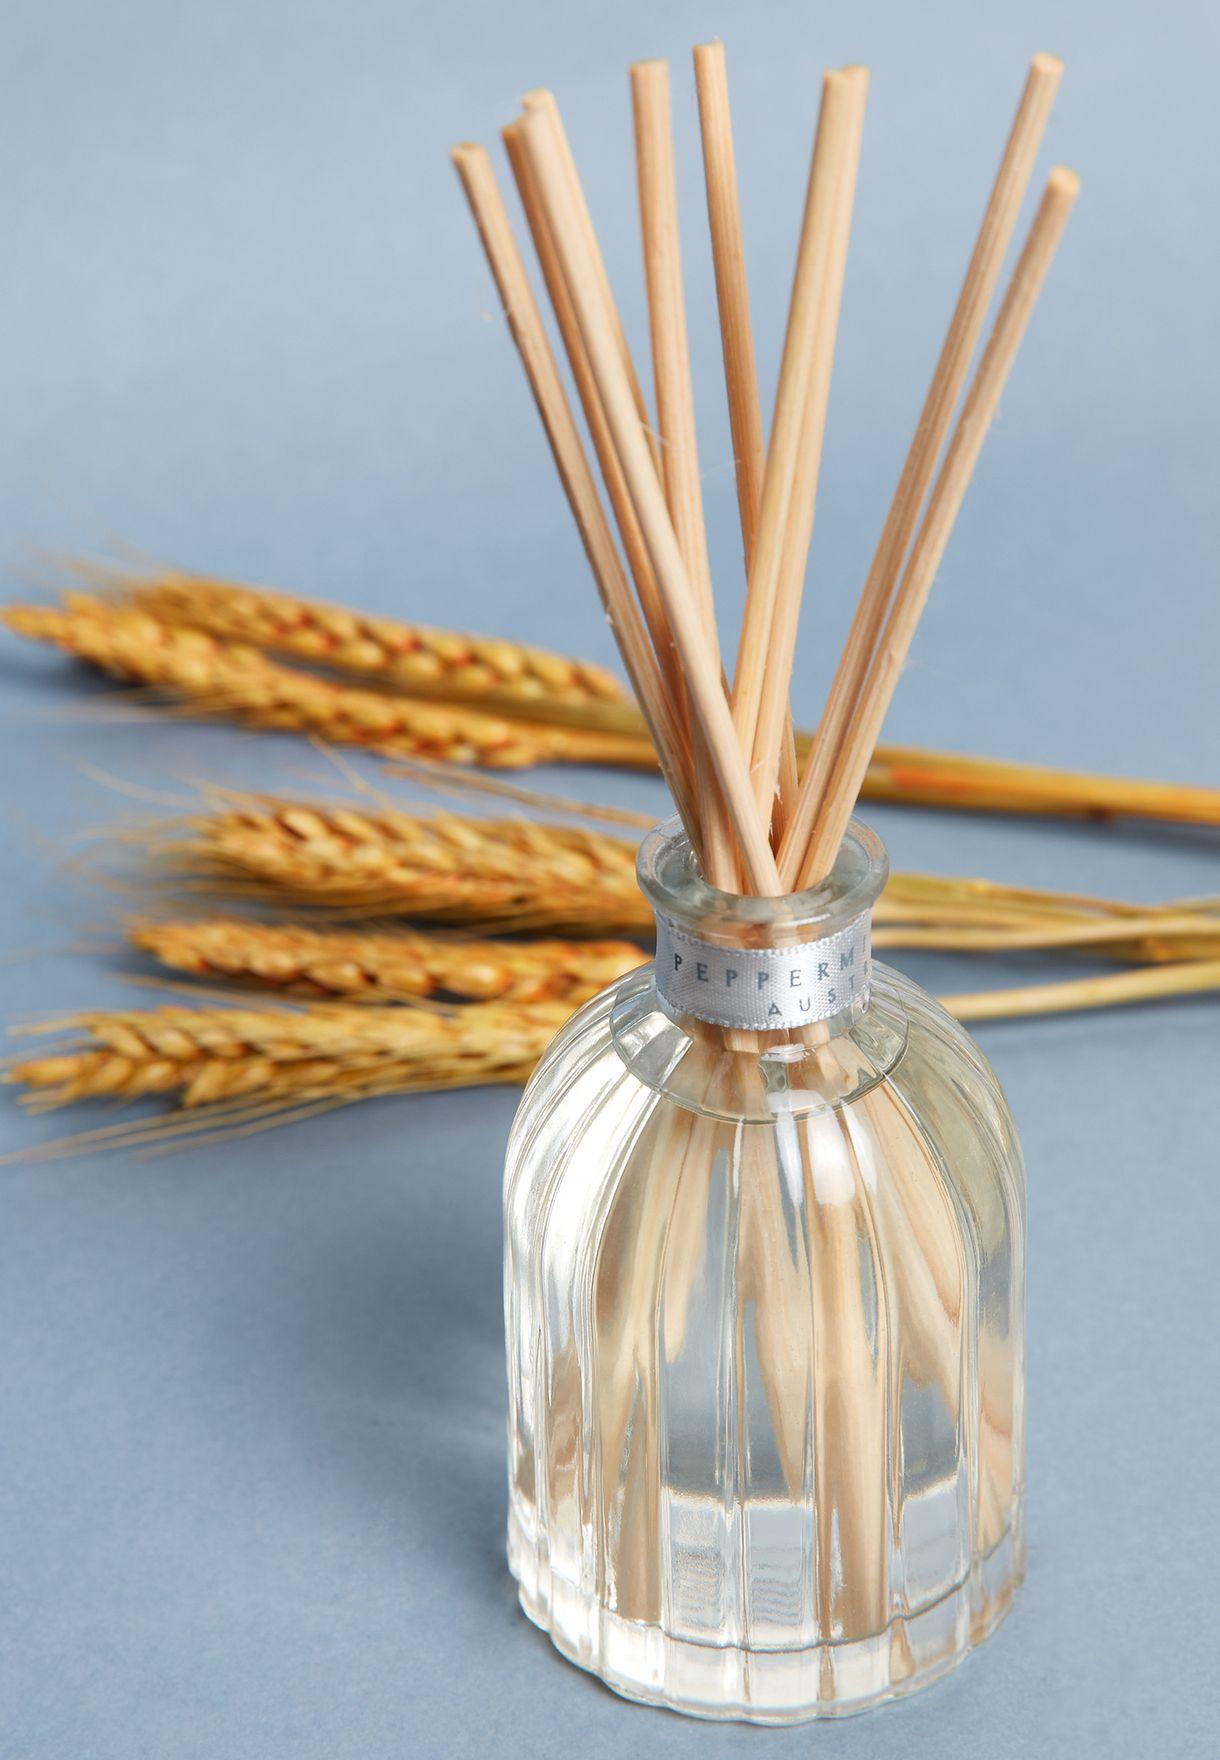 موزع رائحة صغير 100 مل - المريمية الطازجة وخشب الأرز